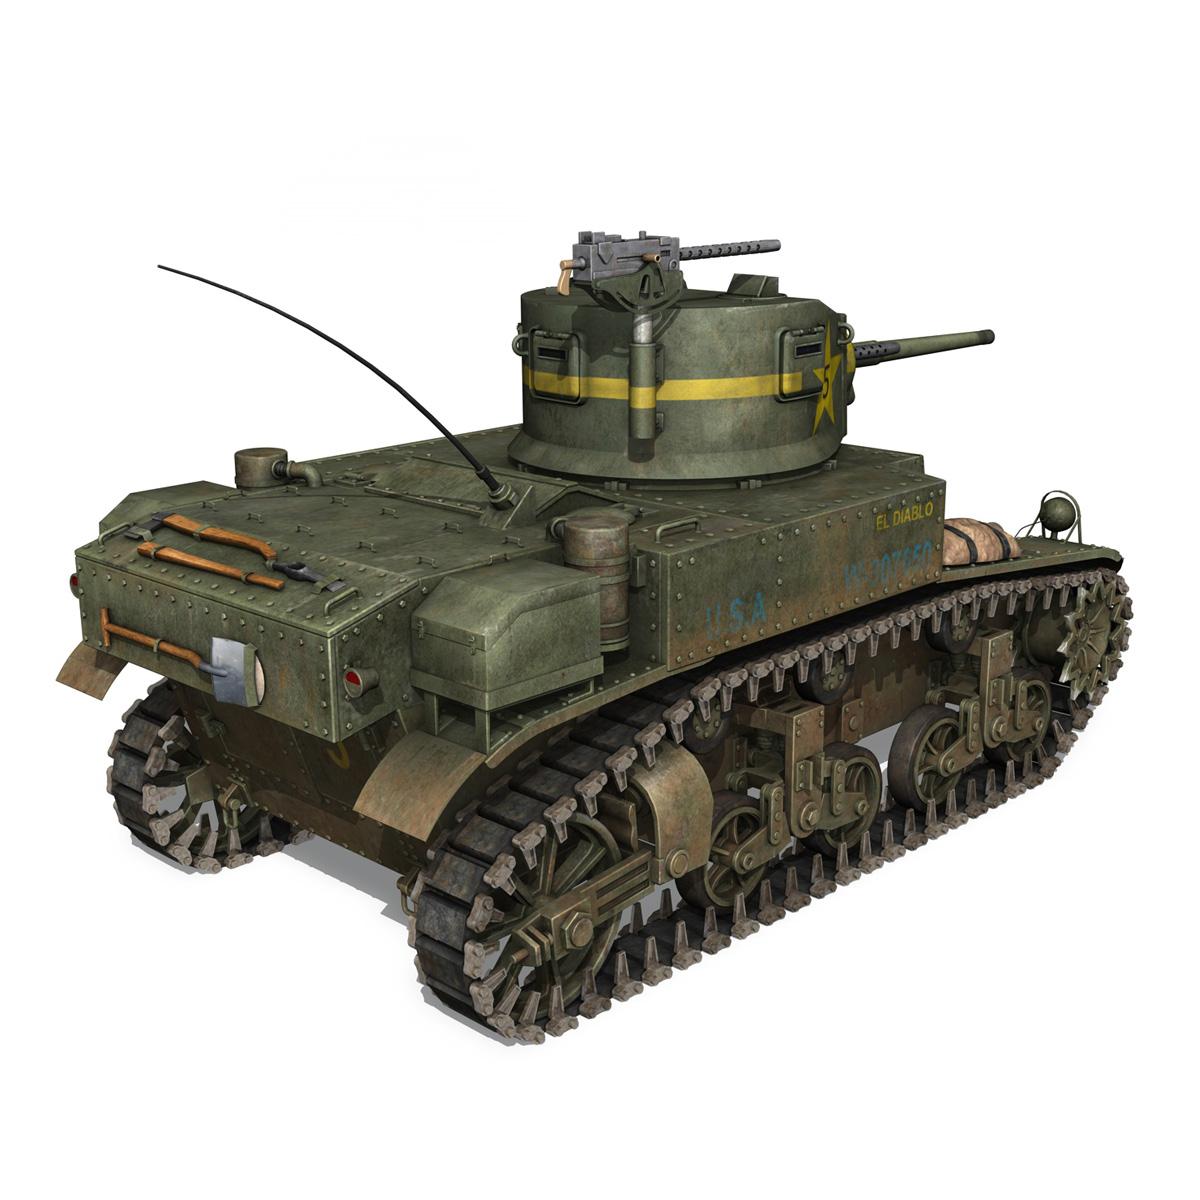 m3 light tank stuart – el diablo 3d model 3ds c4d fbx lwo lw lws obj 265358